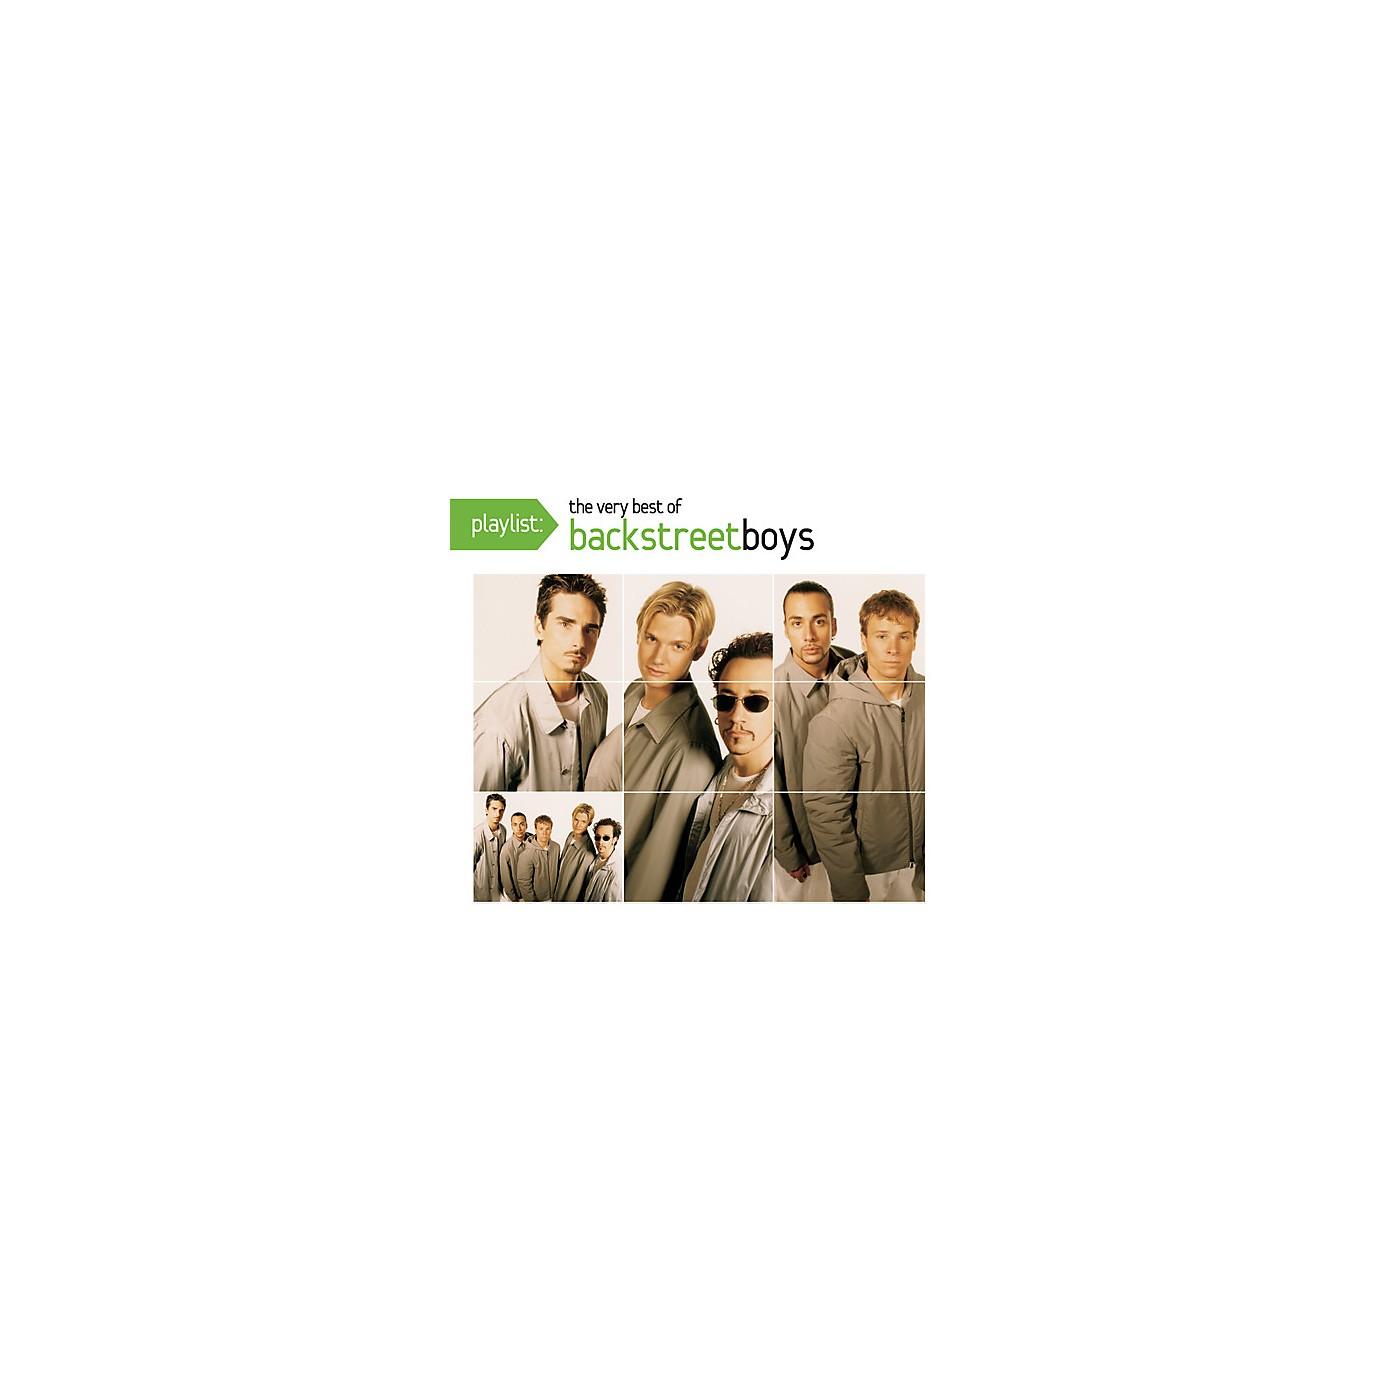 Alliance Backstreet Boys - Playlist: Very Best of (CD) thumbnail